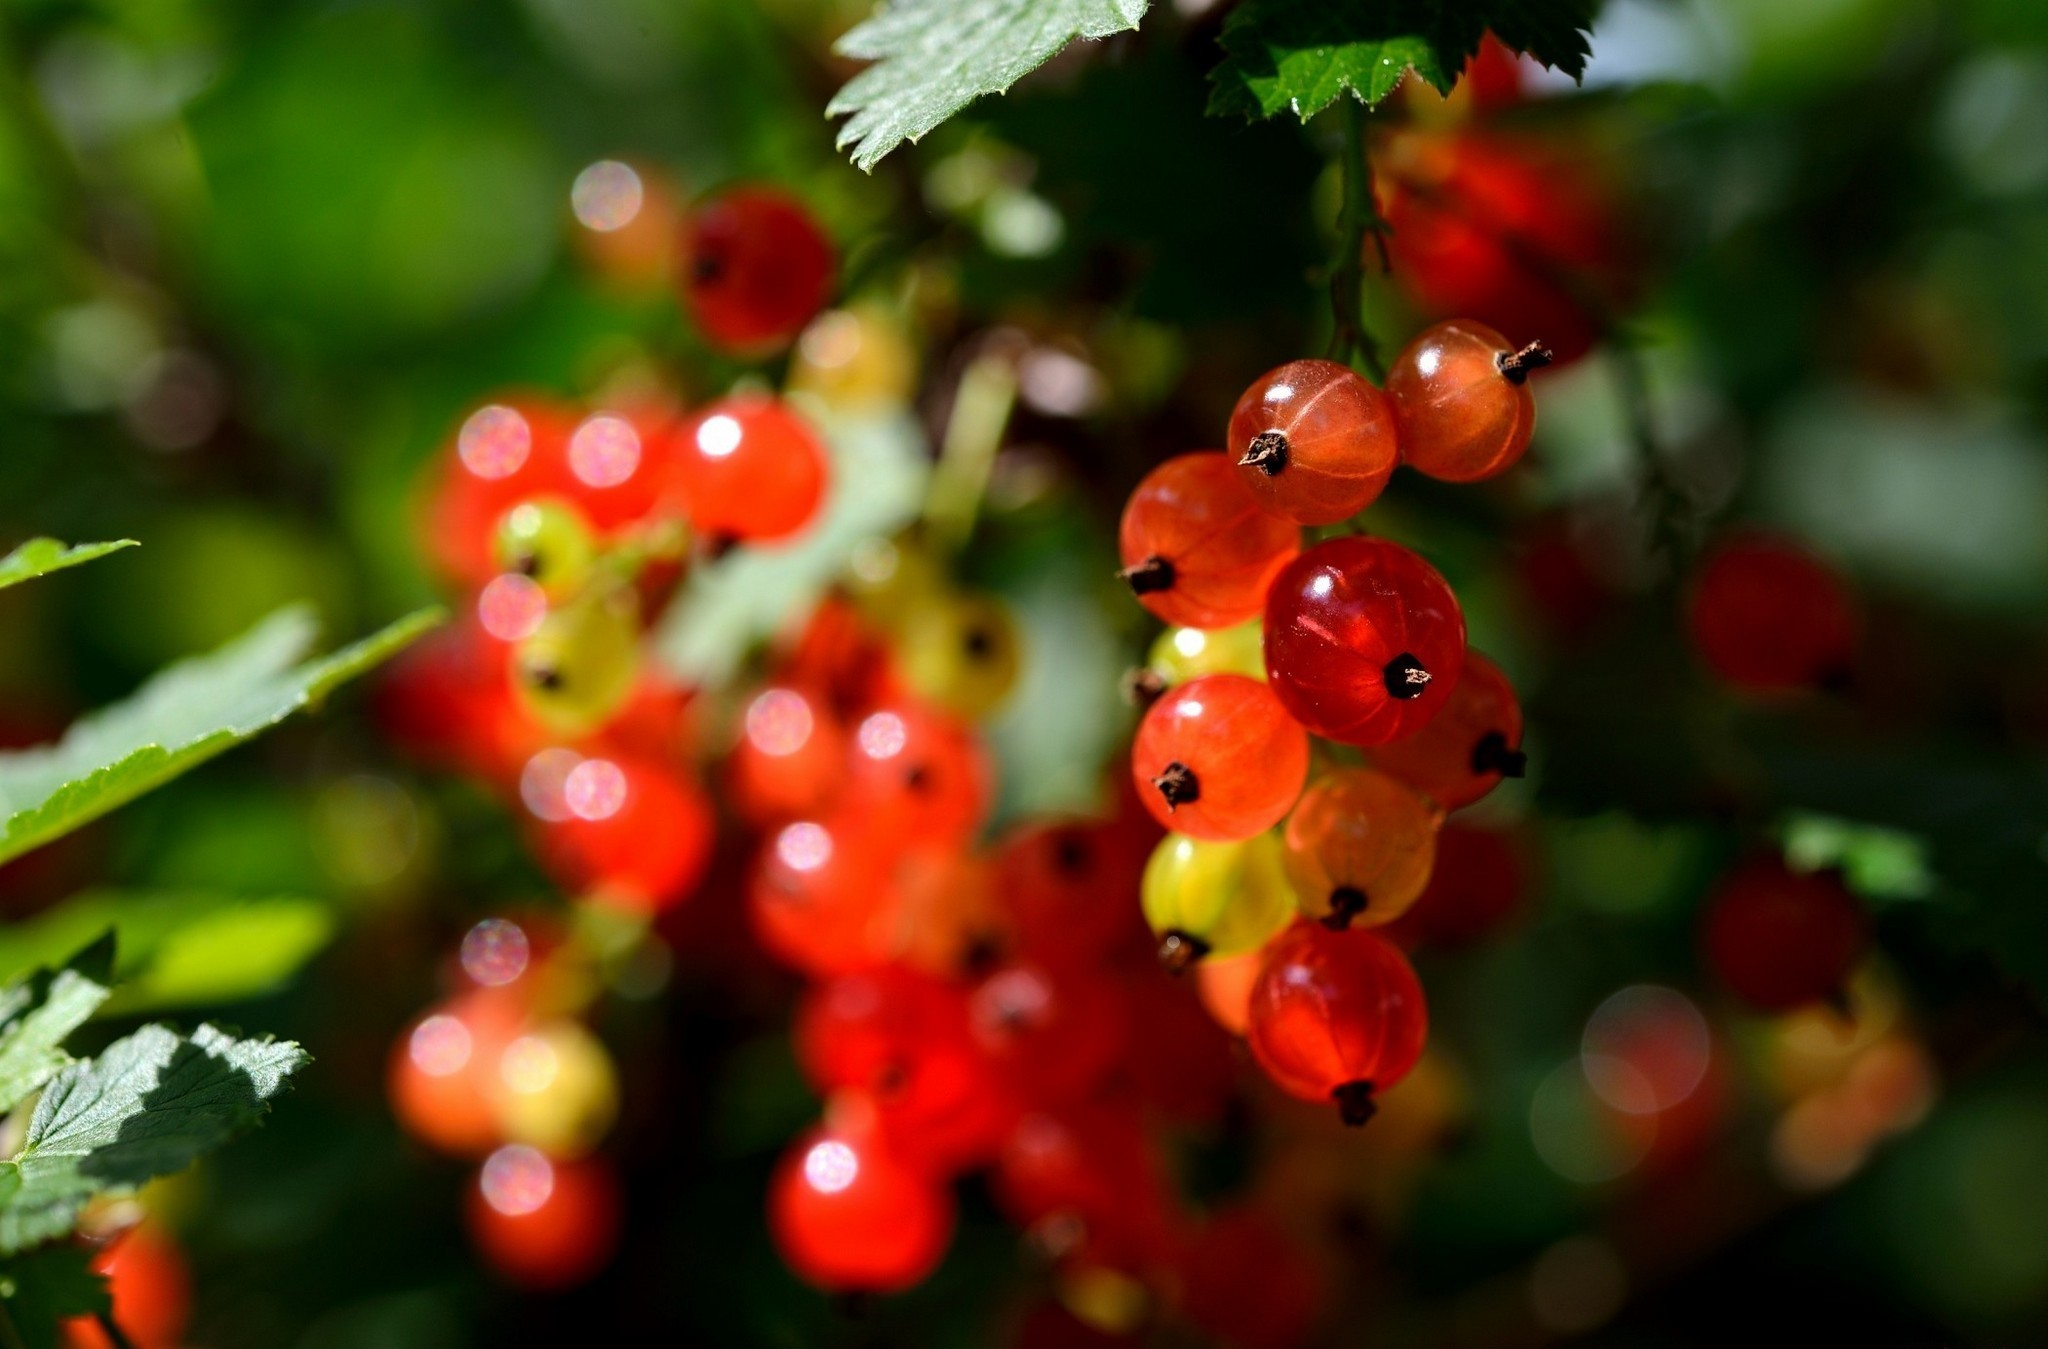 fruit plants macro